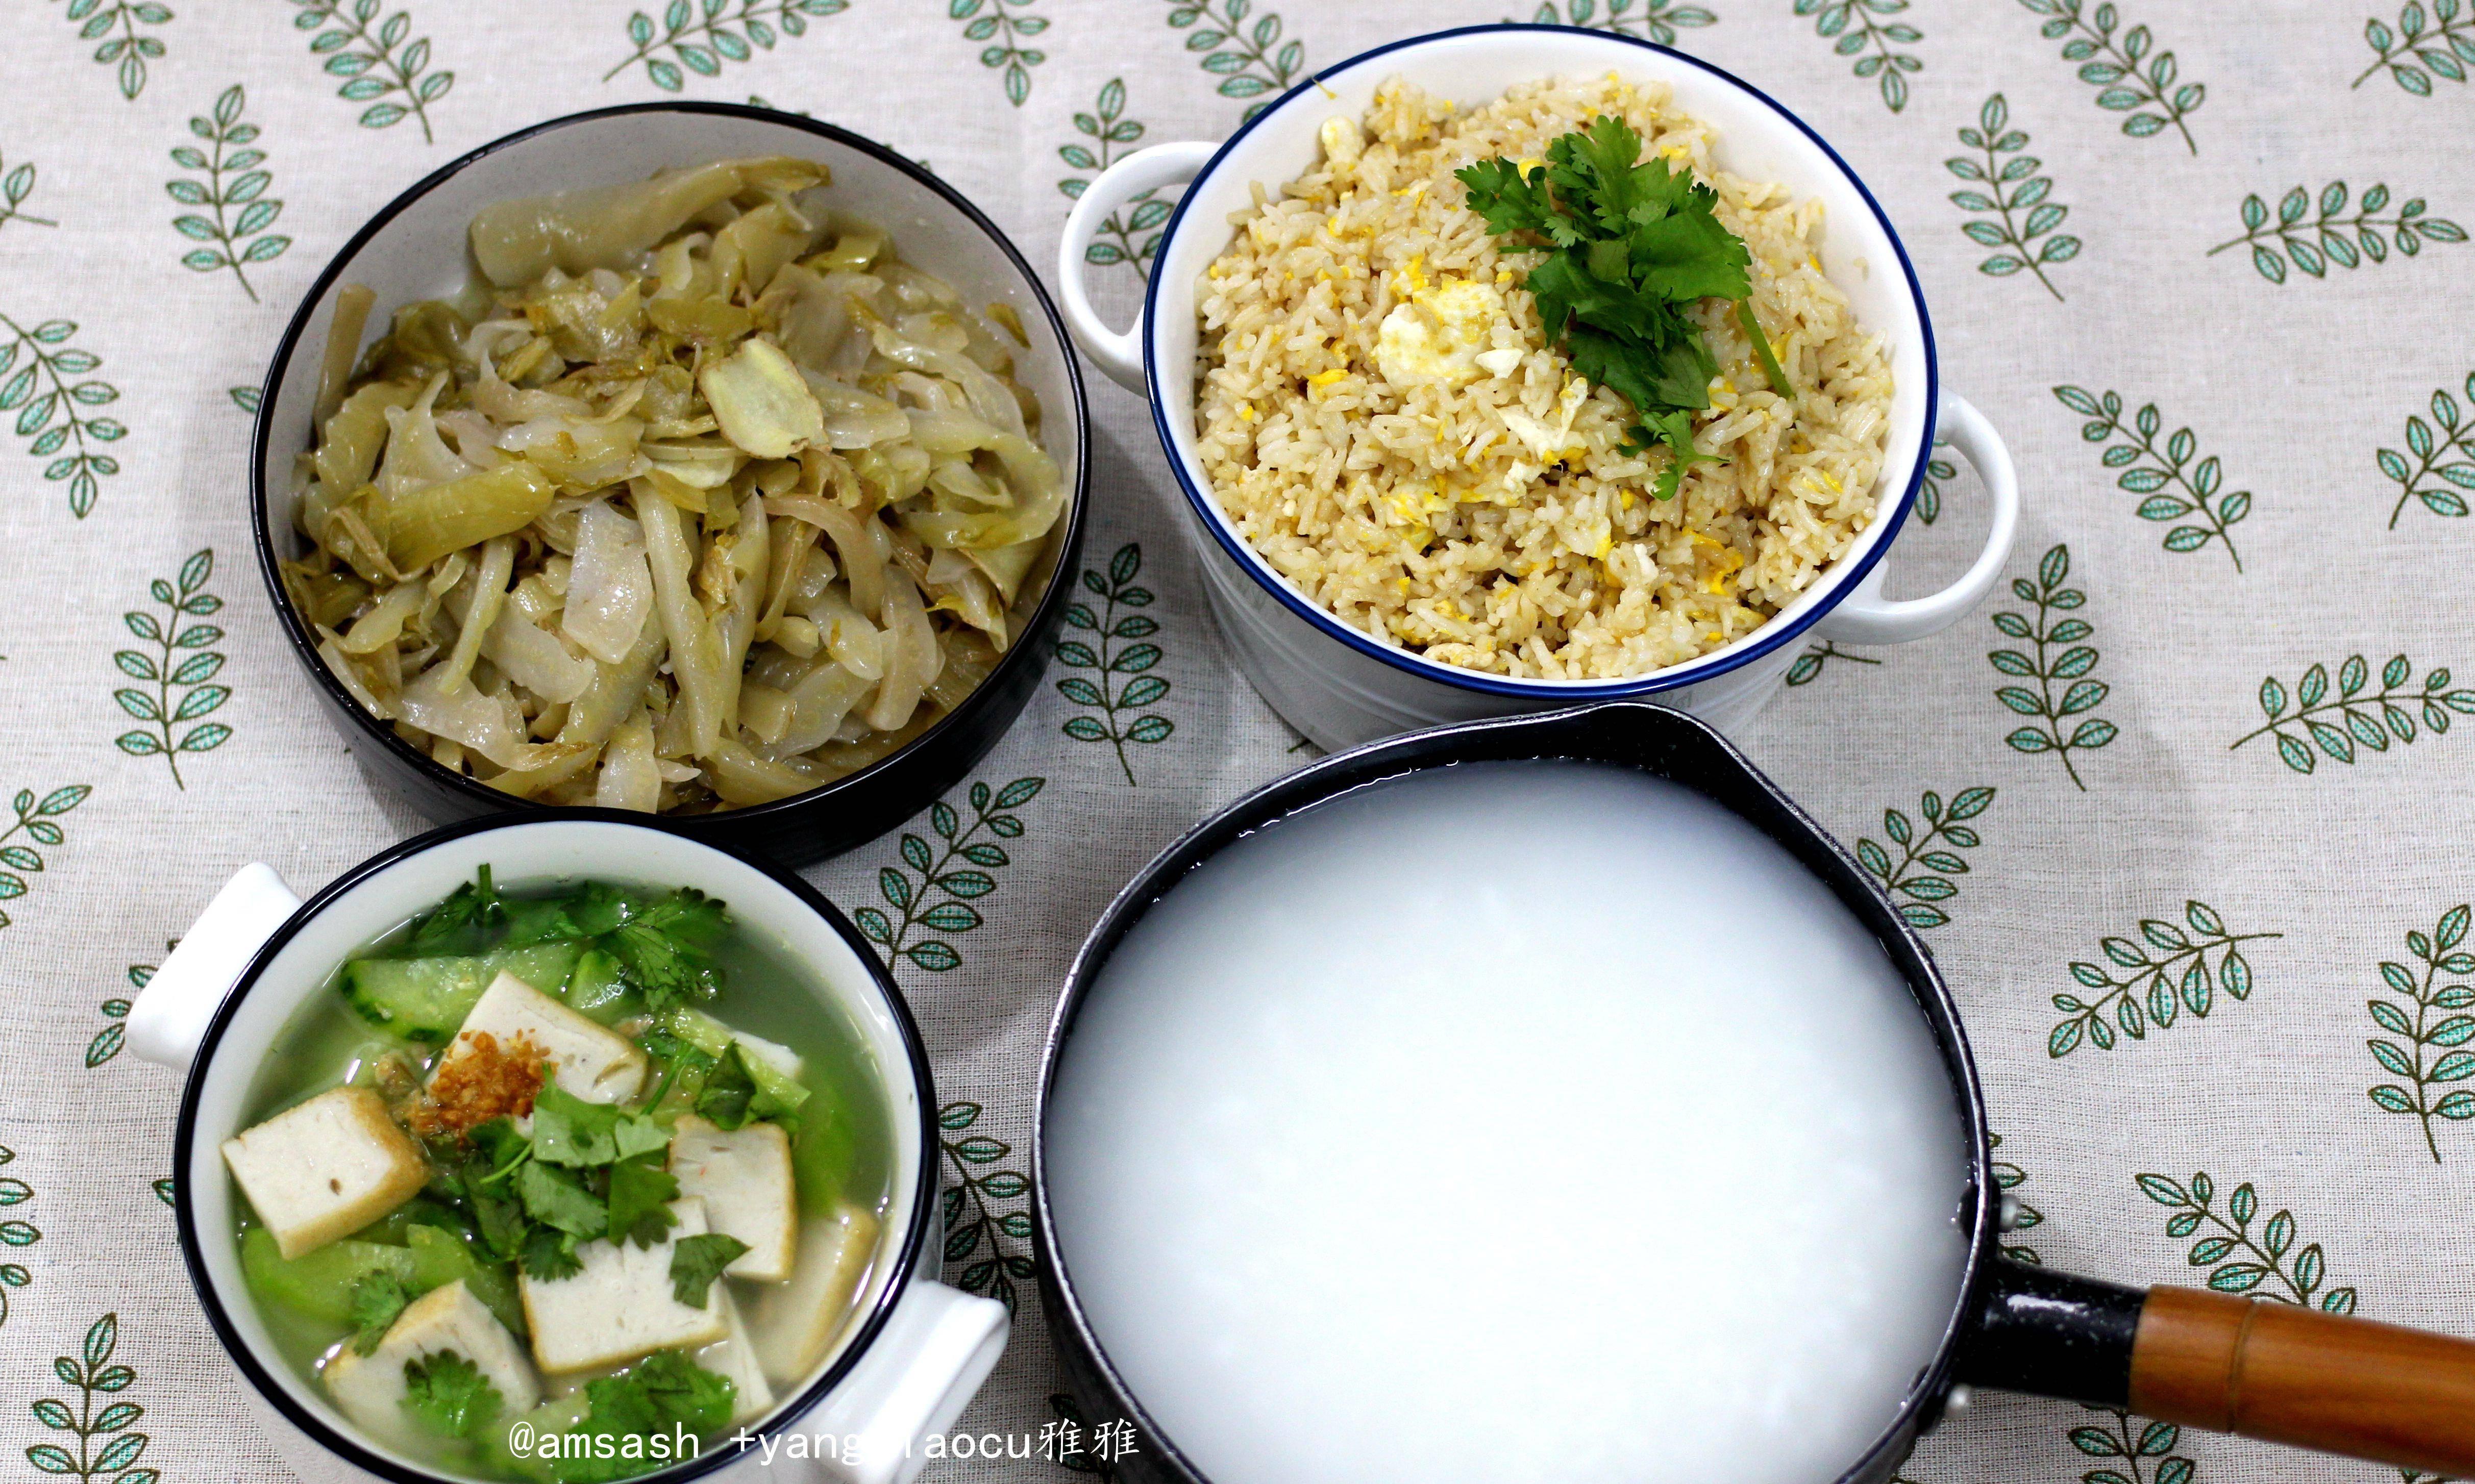 天气炎热没胃口?青山学这几道家常菜,清淡可口又简便!